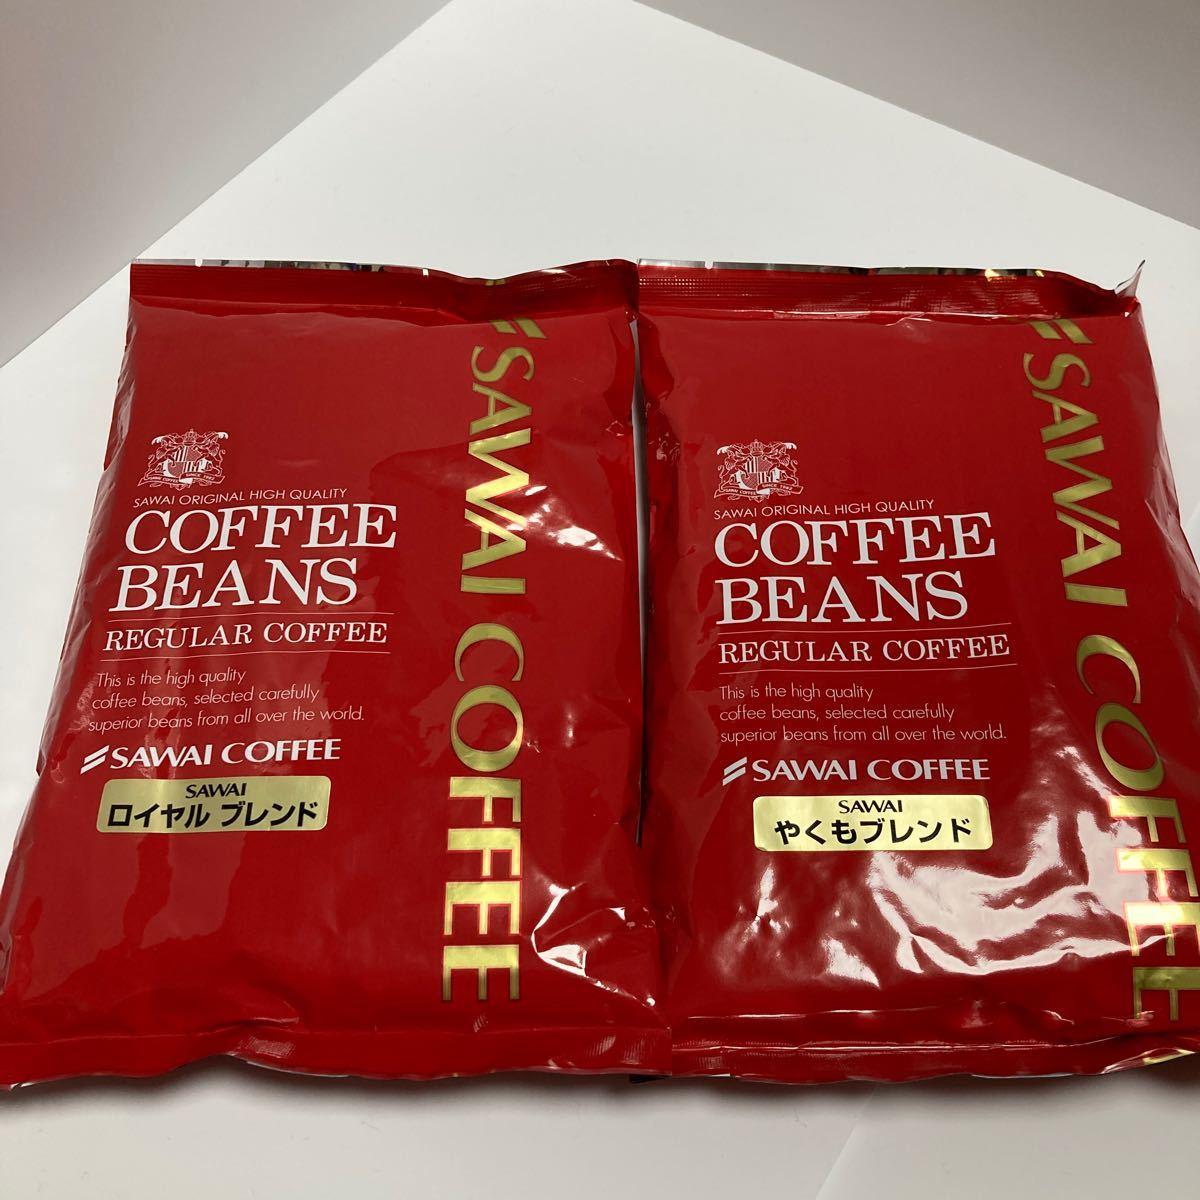 澤井珈琲 コーヒー豆のまま レギュラーコーヒー 200g×2 やくもブレンド ロイヤルブレンド